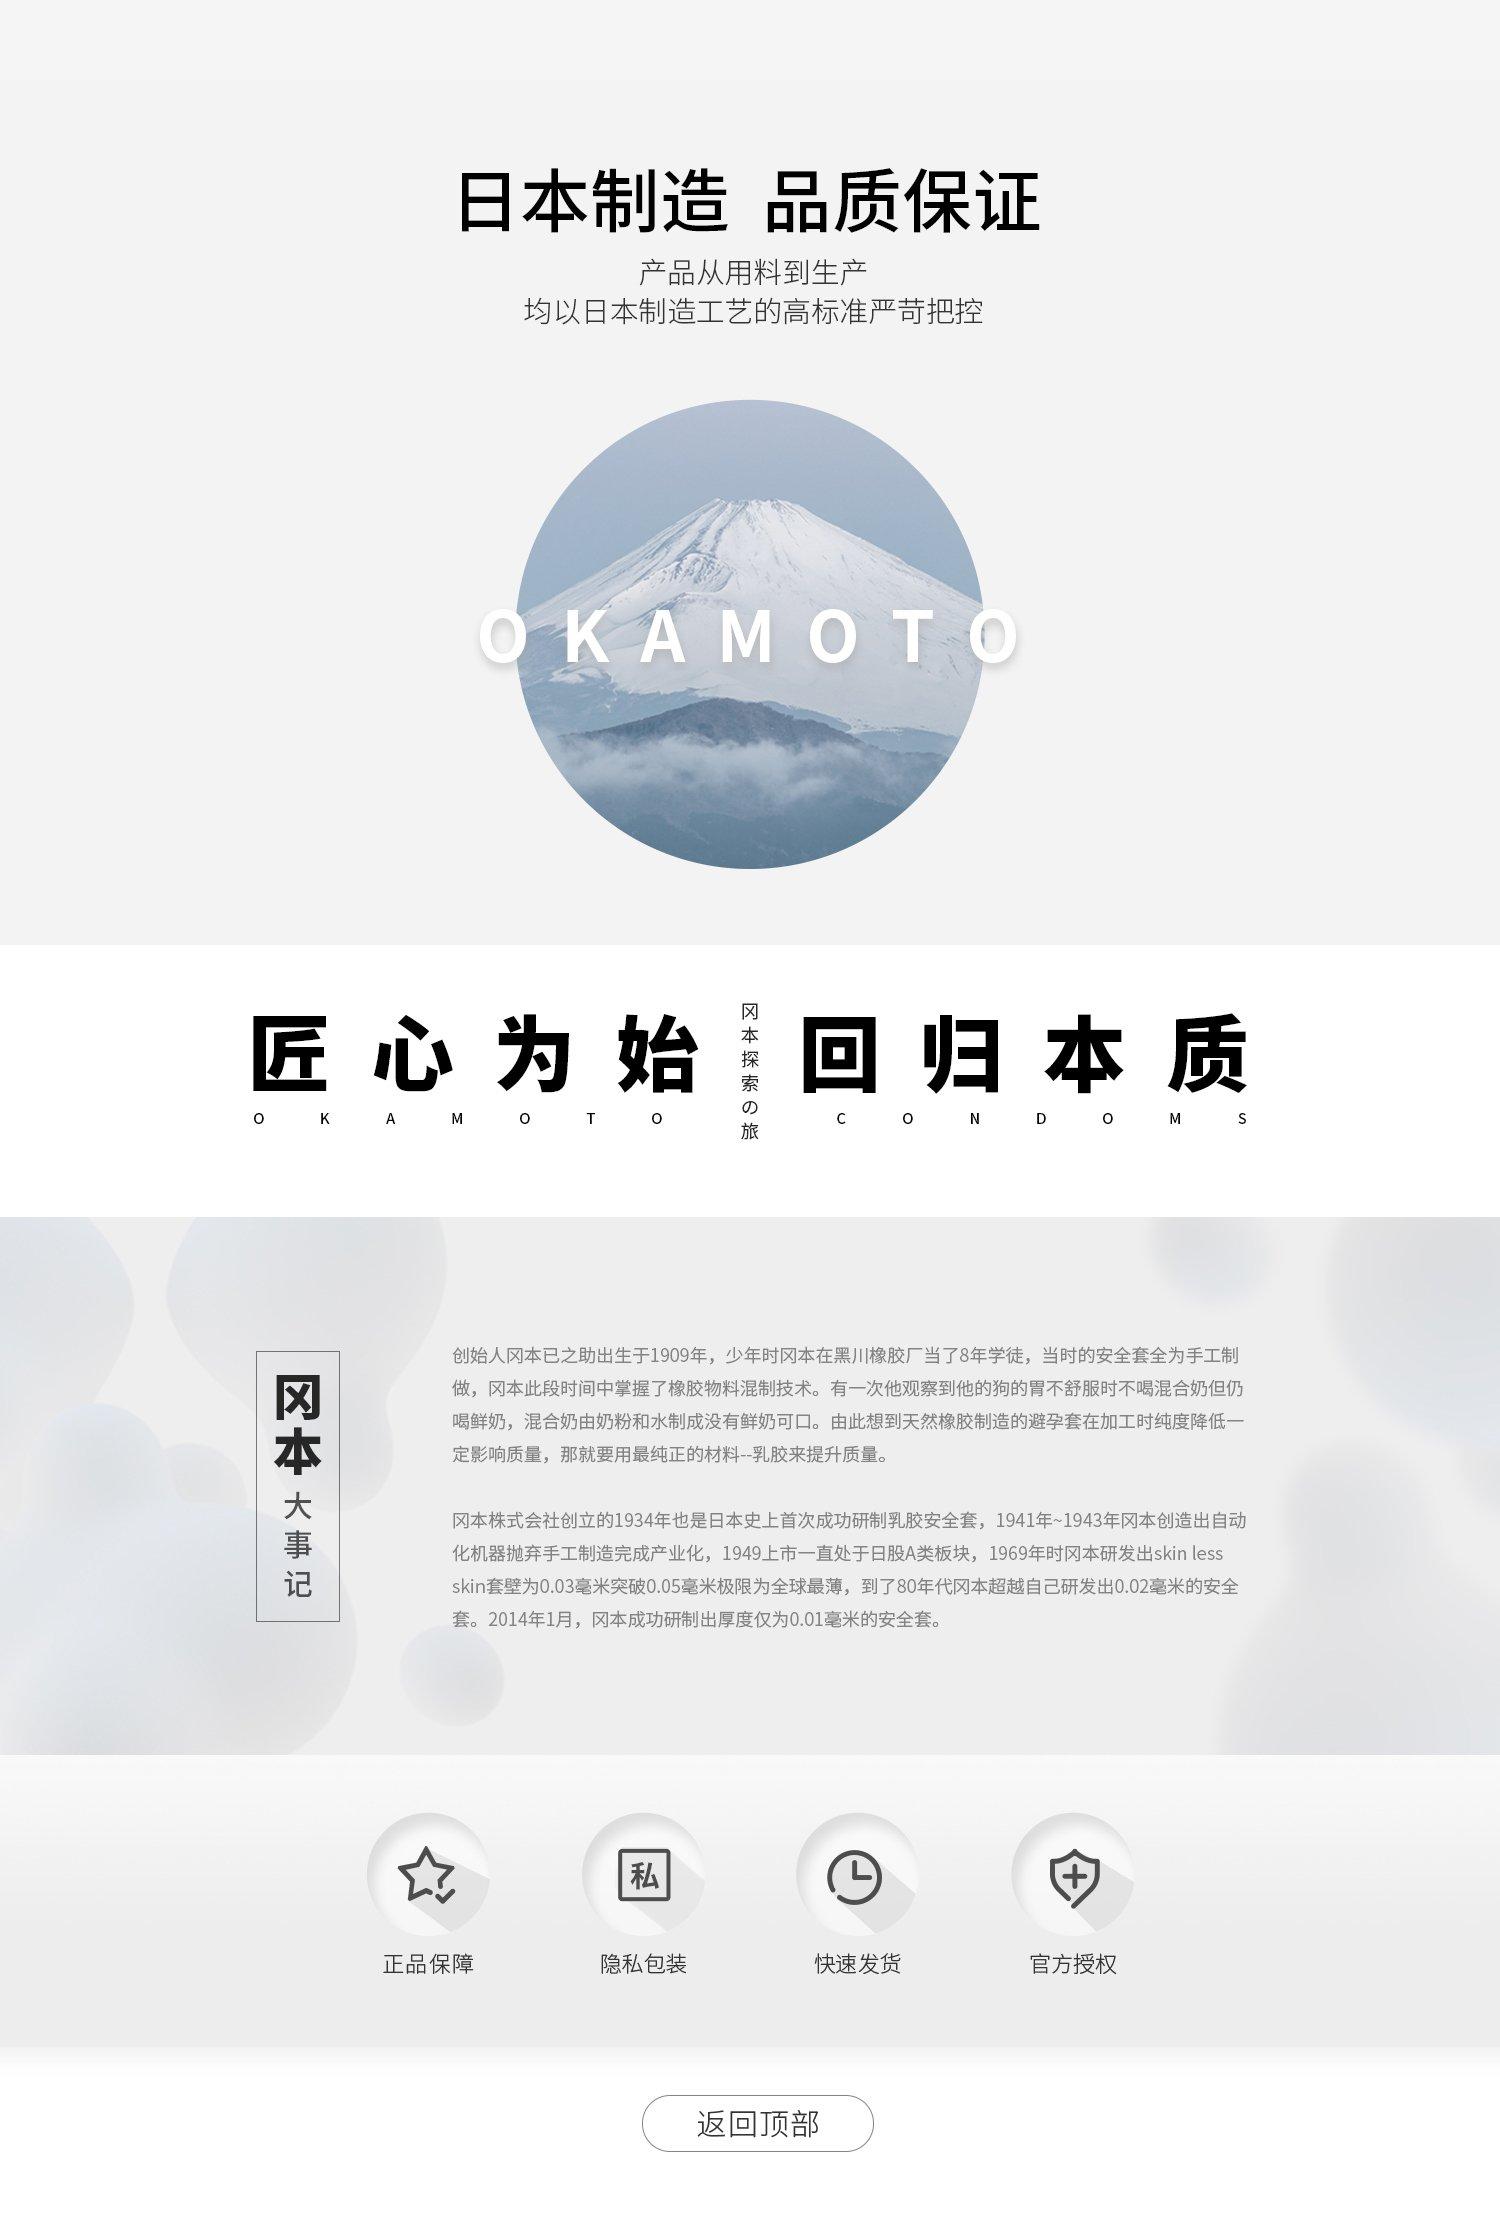 2017HPC/Liying/Okamoto/0402/okma_20